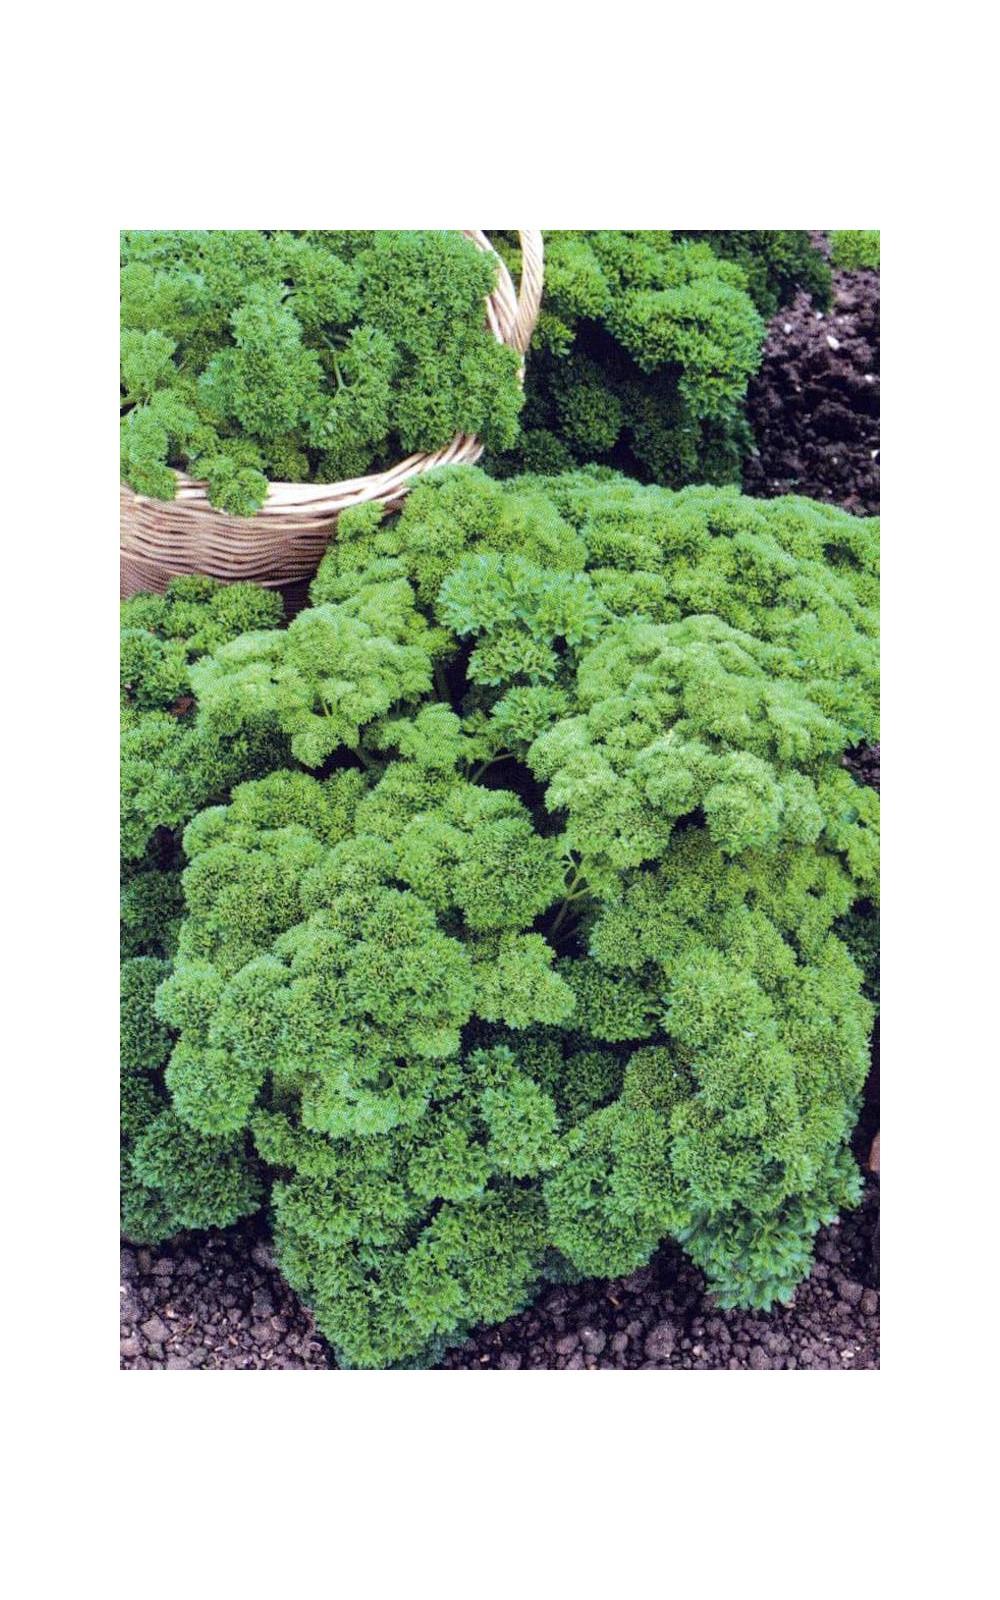 Comment Planter Les Graines De Persil semences potagères : persil frisé vert foncé : hello seeds